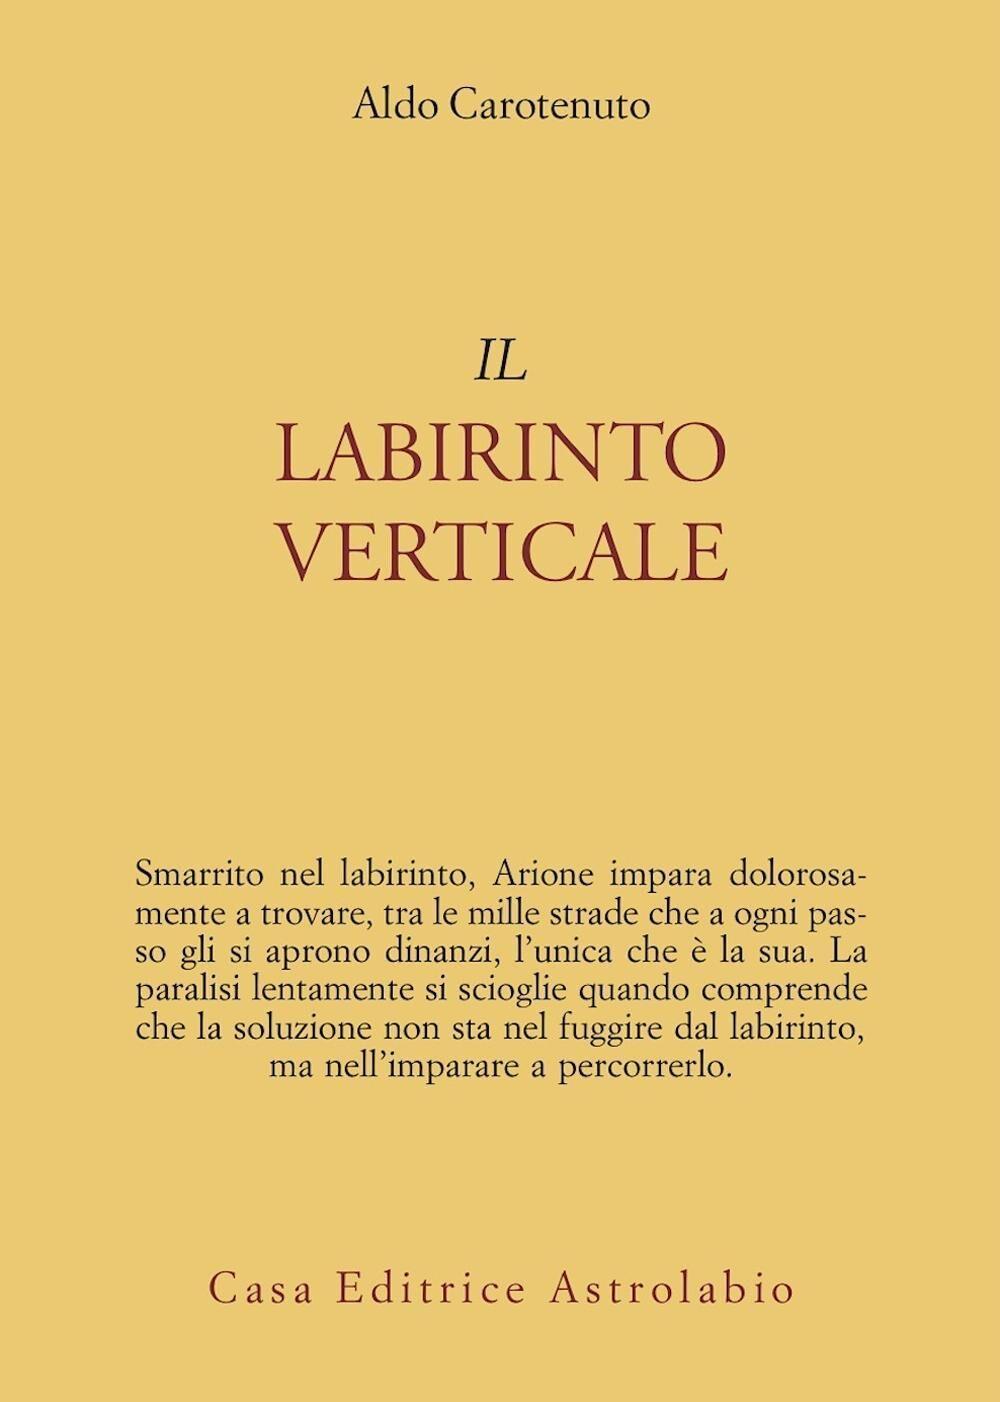 Il labirinto verticale